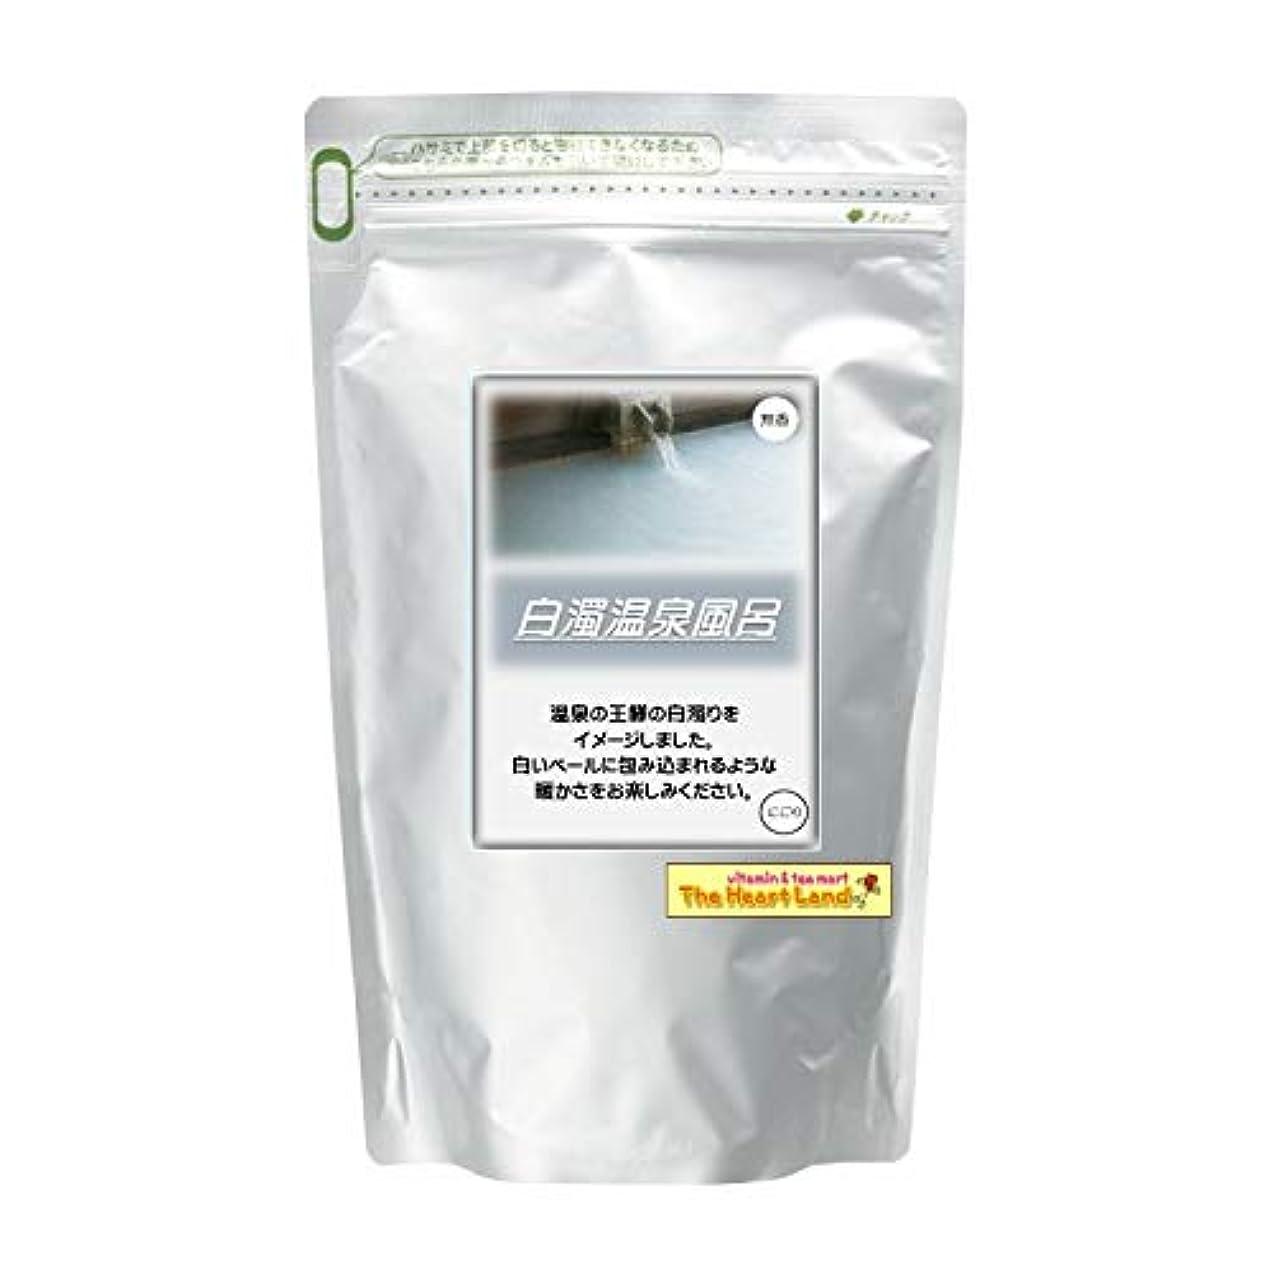 ラインナップ巨人気分アサヒ入浴剤 浴用入浴化粧品 白濁温泉風呂 2.5kg